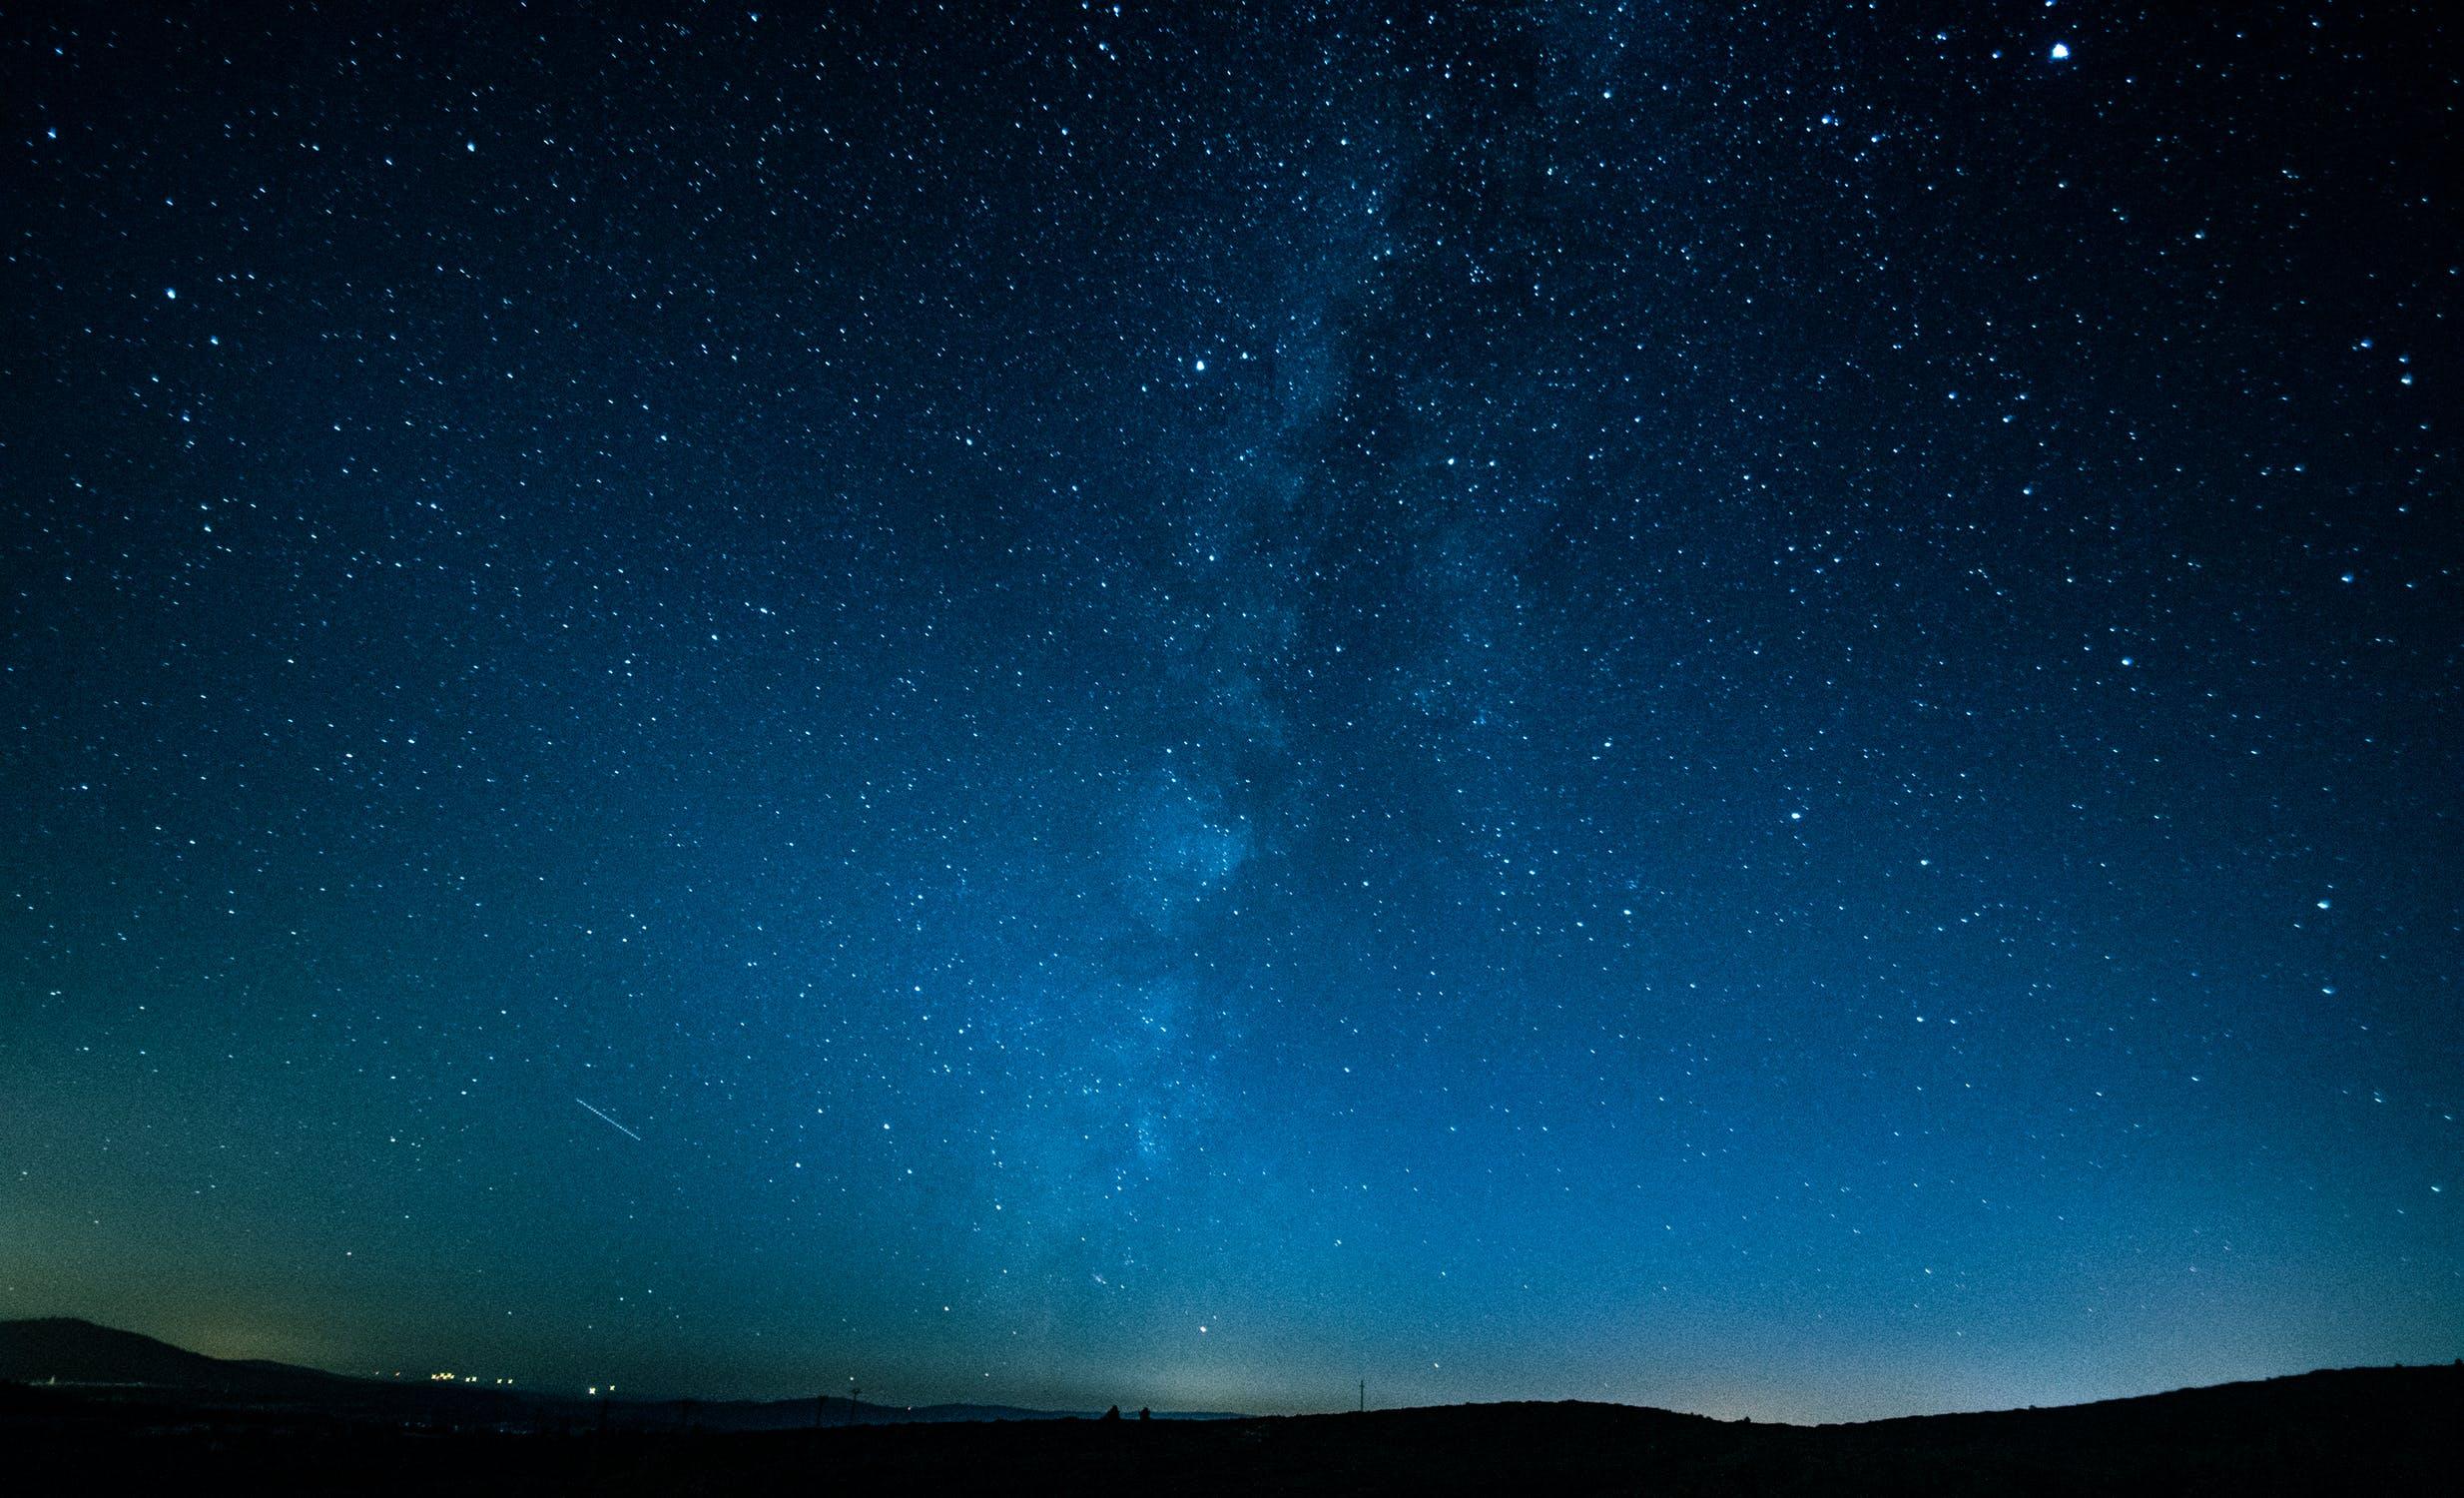 Время загадывать желания. Жители Урала увидят тысячи падающих звезд